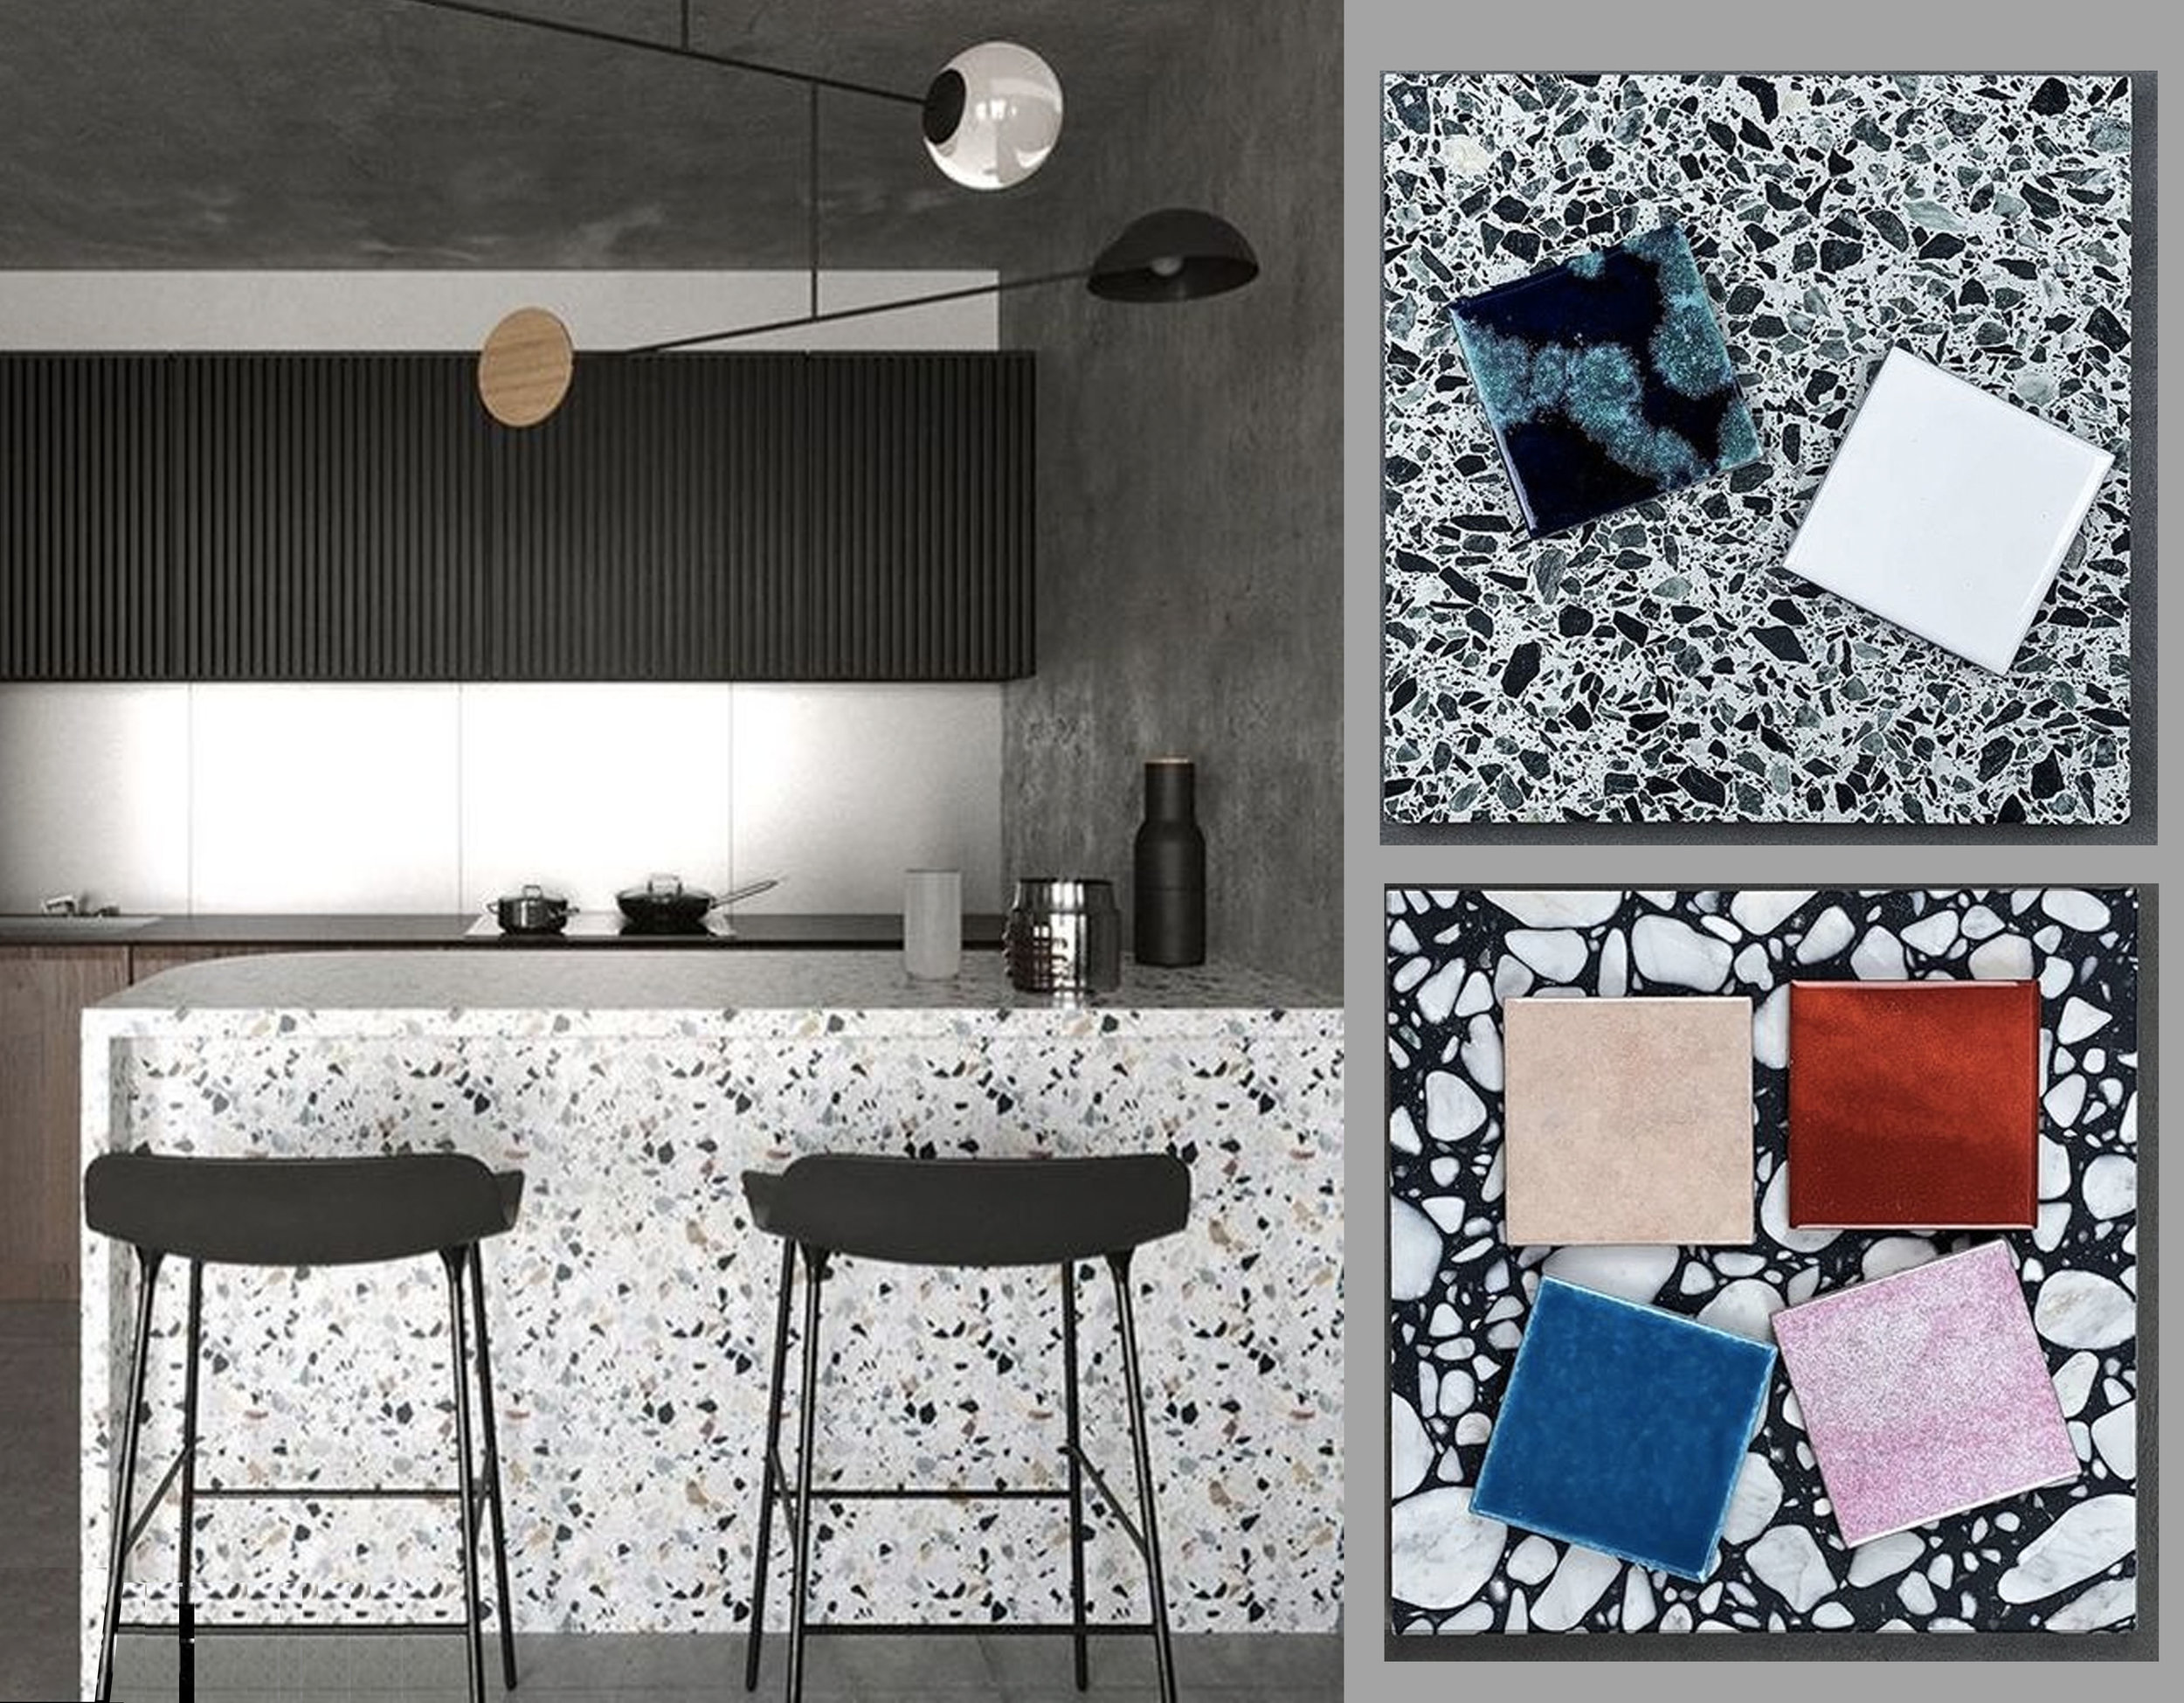 kitchen via  Terrazzo Tiles  - terrazzo tiles and ceramic tiles via  Terrazzo Tiles